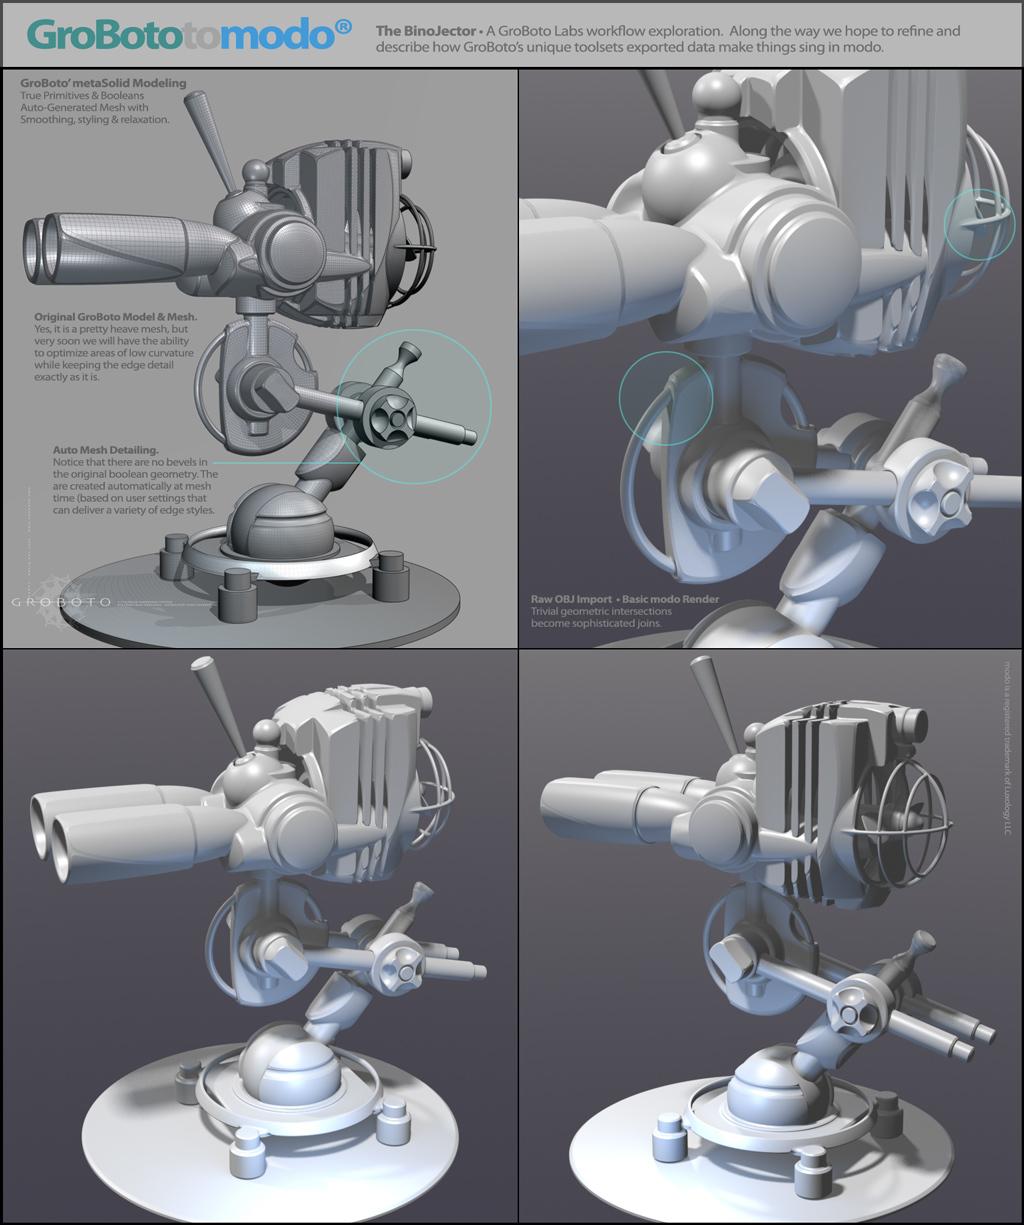 Groboto binojector setup gro 1 7a9656ed nn4n